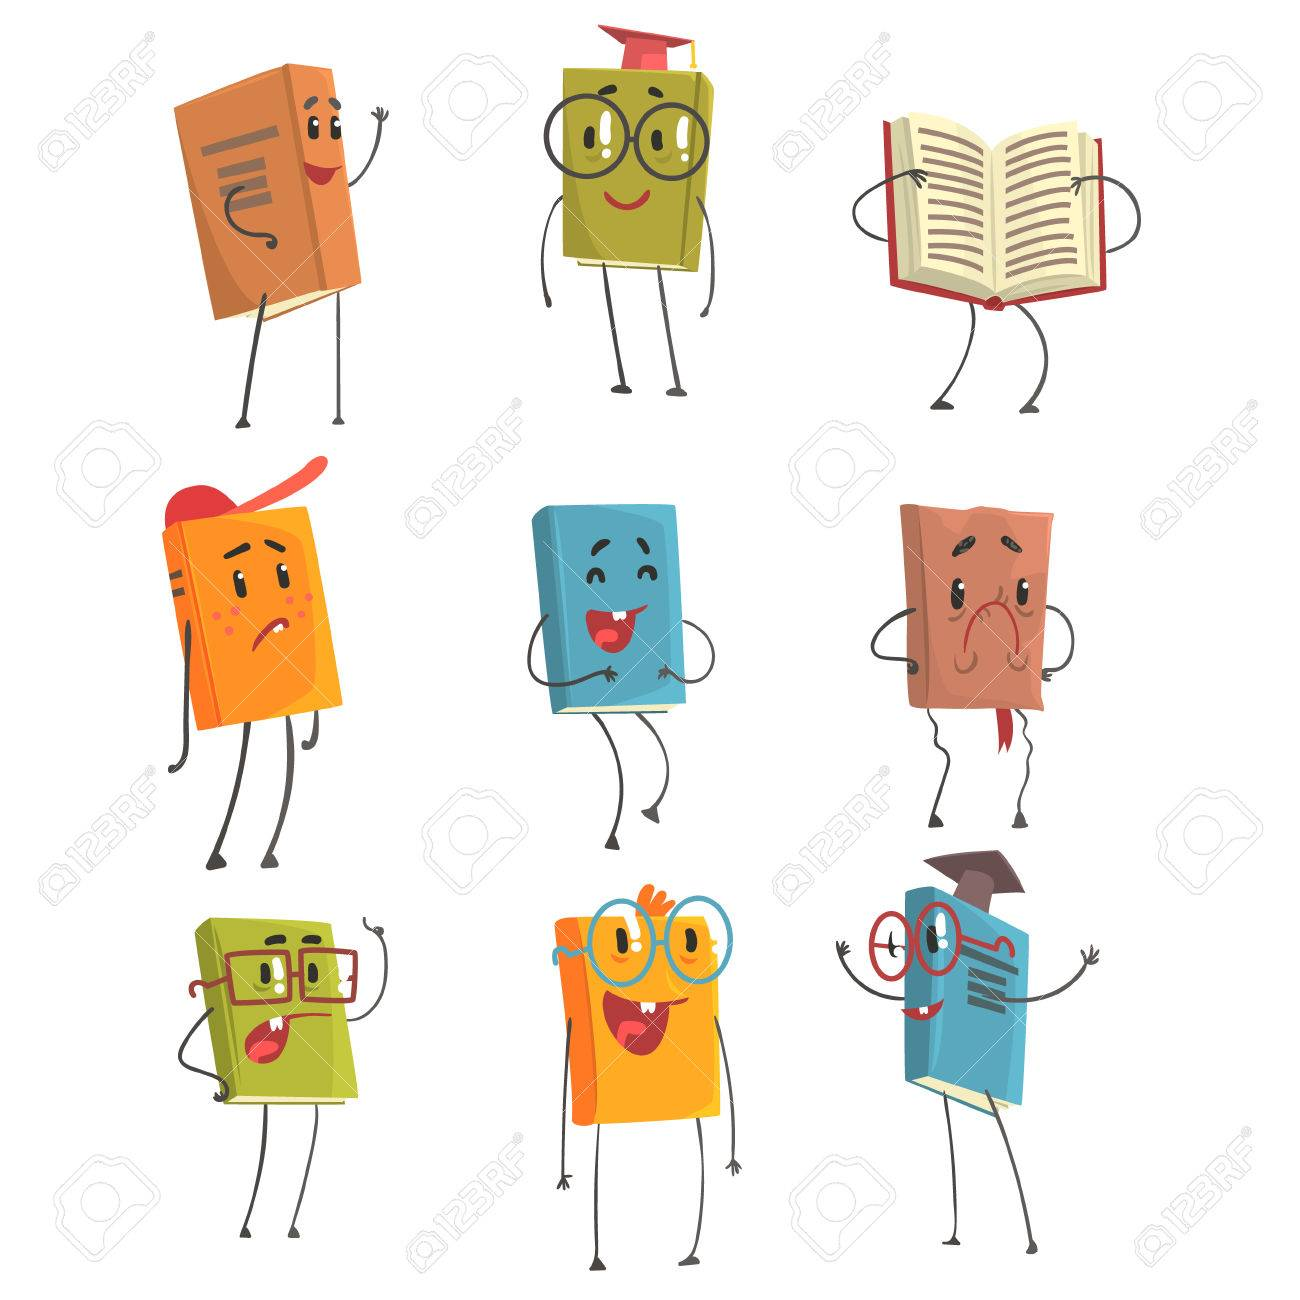 Caracteres Humanise Livre Emoji Mignon Representant Differents Types De Litterature Les Enfants Et Les Livres Scolaires